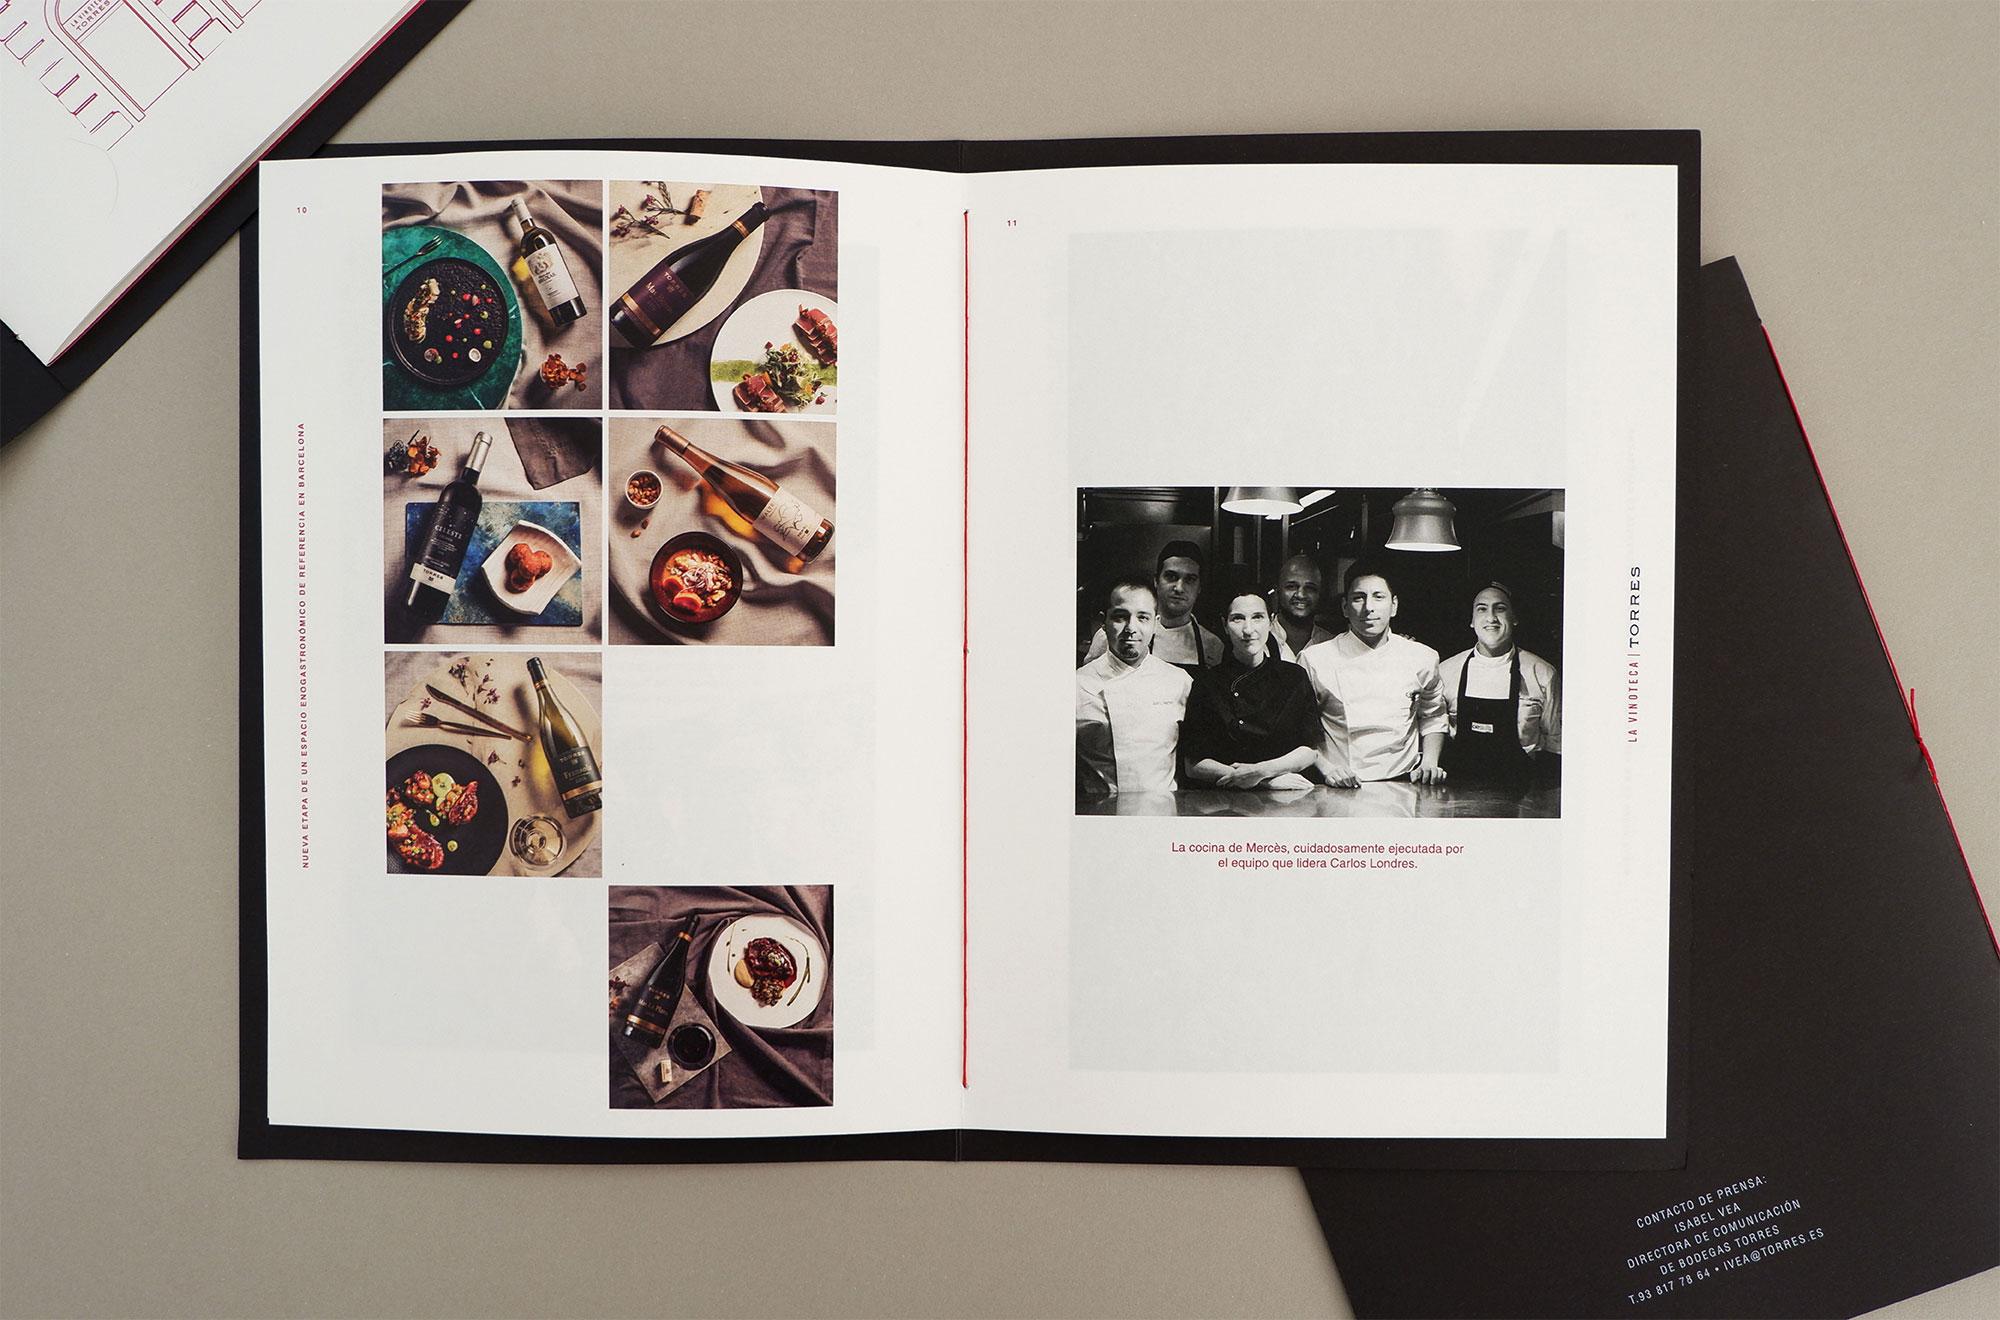 vinostorres-diseñografico-agencia-barcelona-3